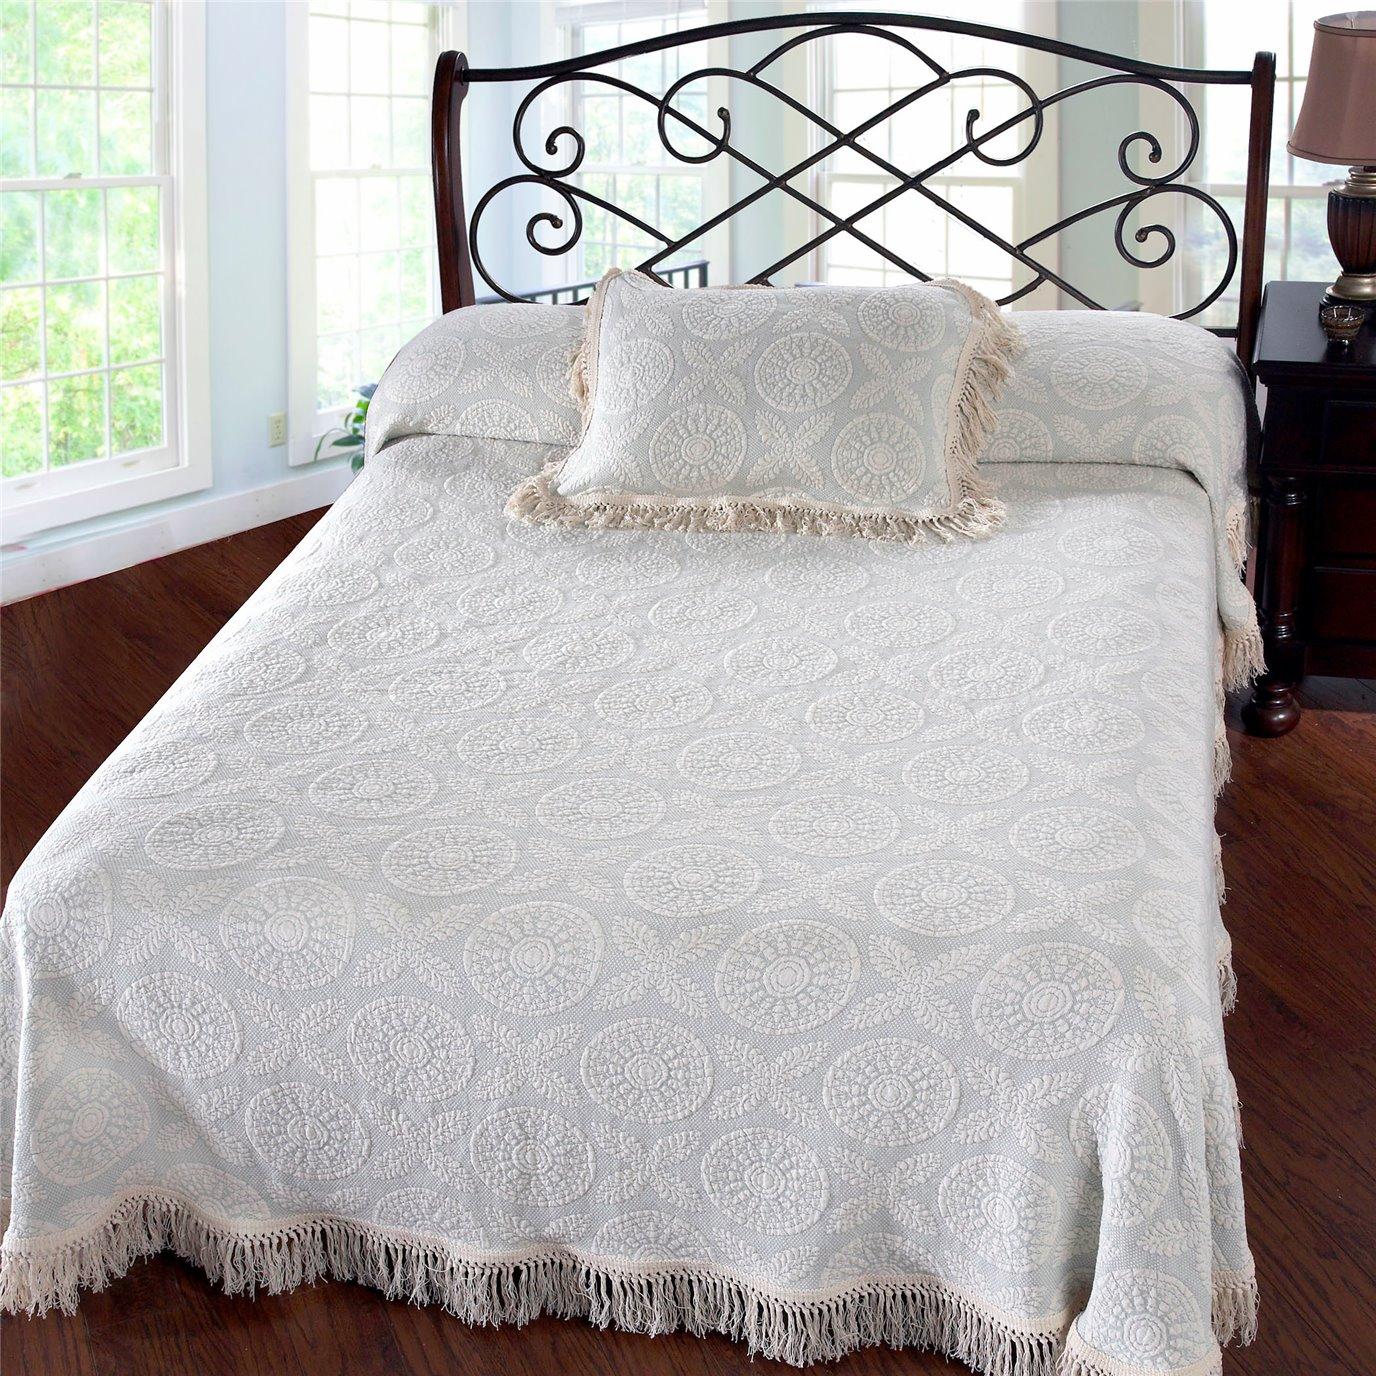 Heirloom Full Wedgewood Blue Bedspread